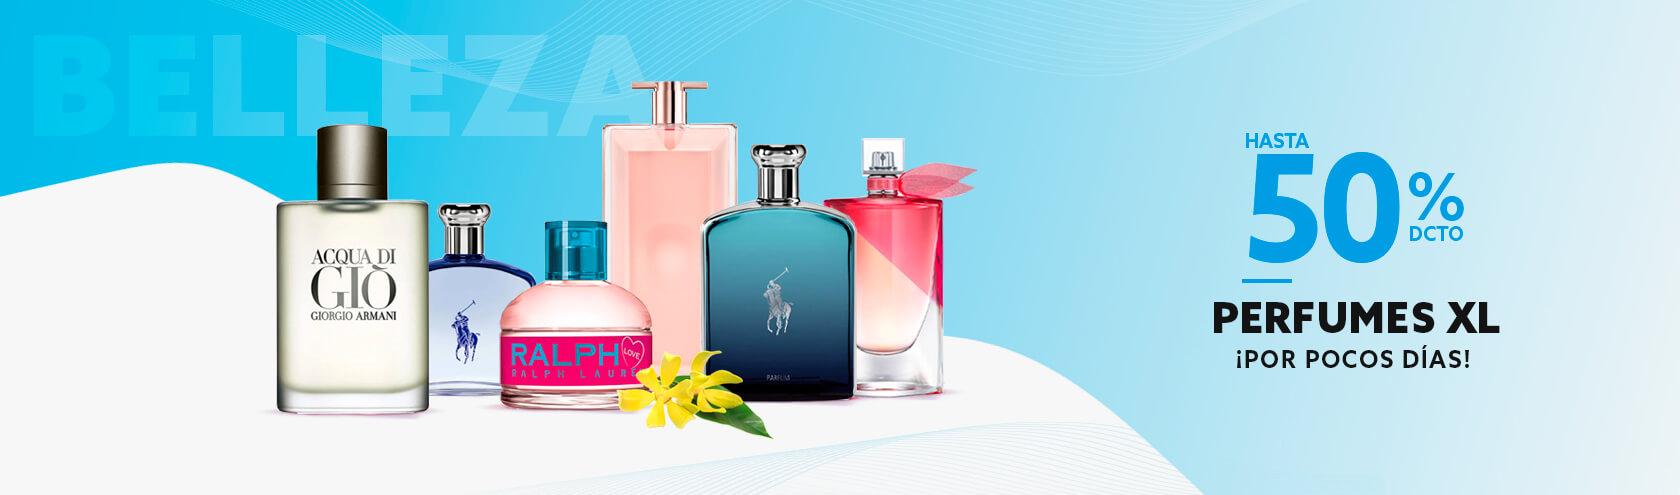 Sólo por pocos Días Hasta 50 porciento de descuento en perfumes XL